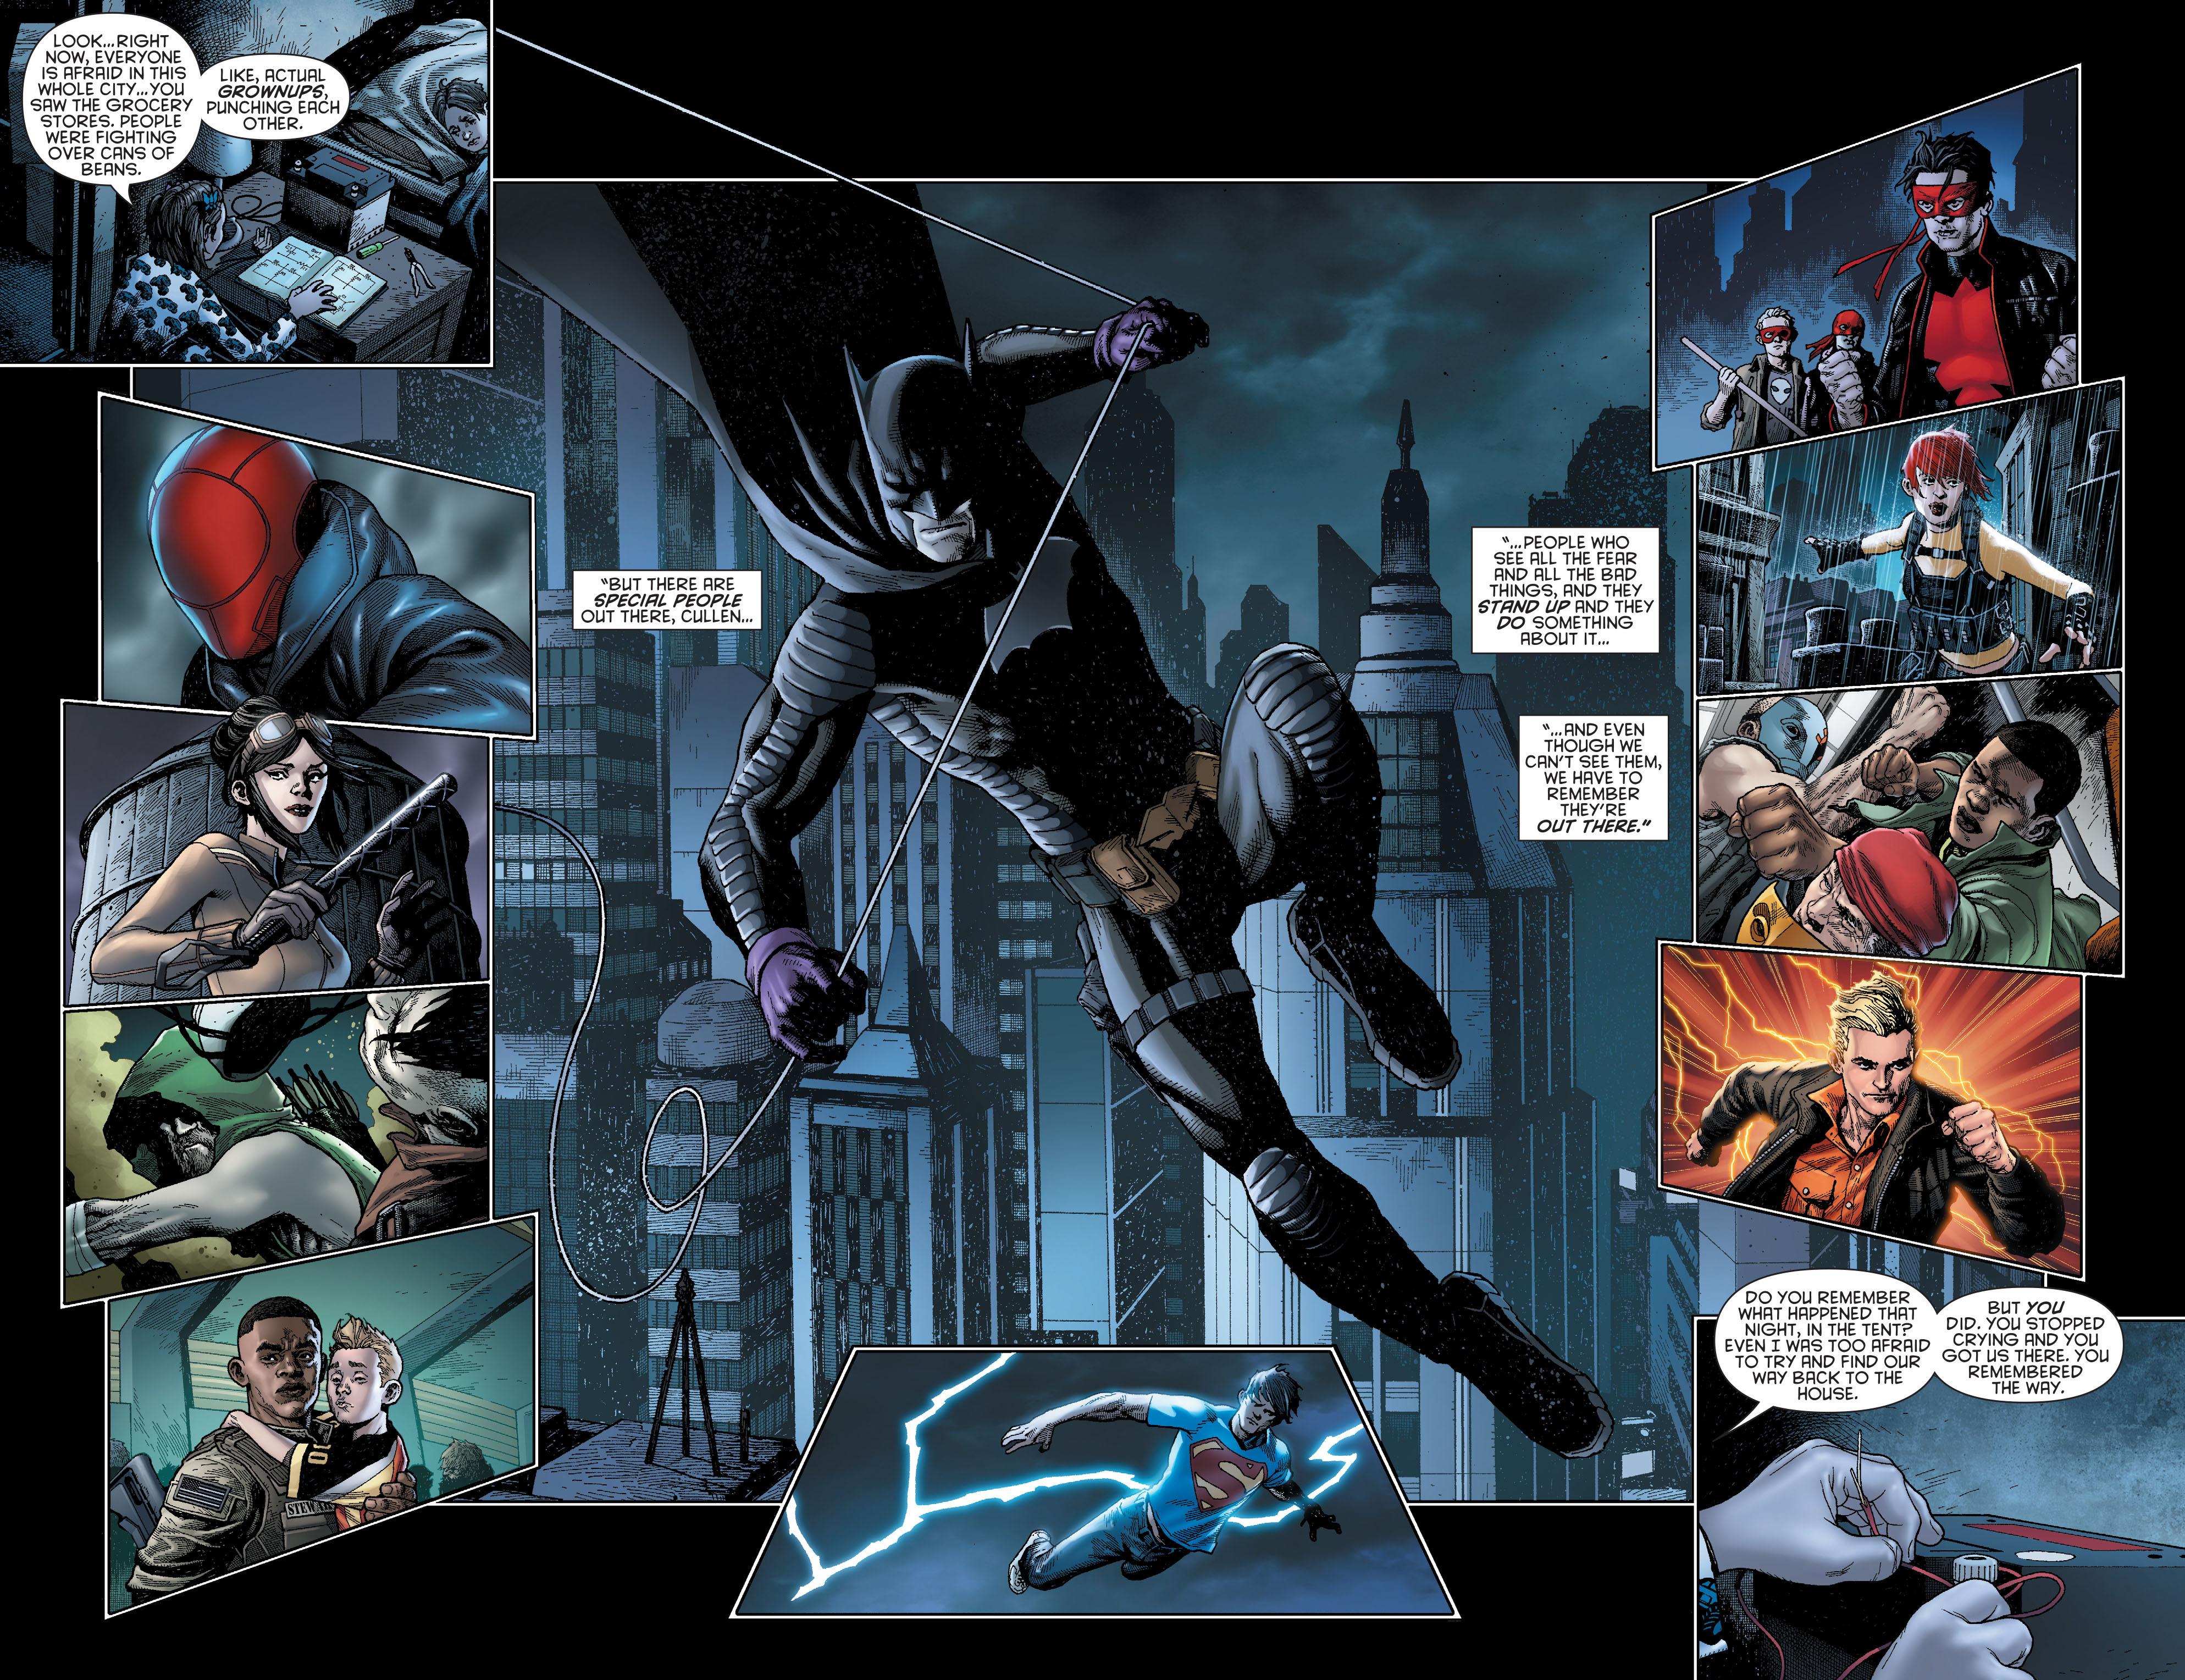 DC Comics: Zero Year chap tpb pic 424